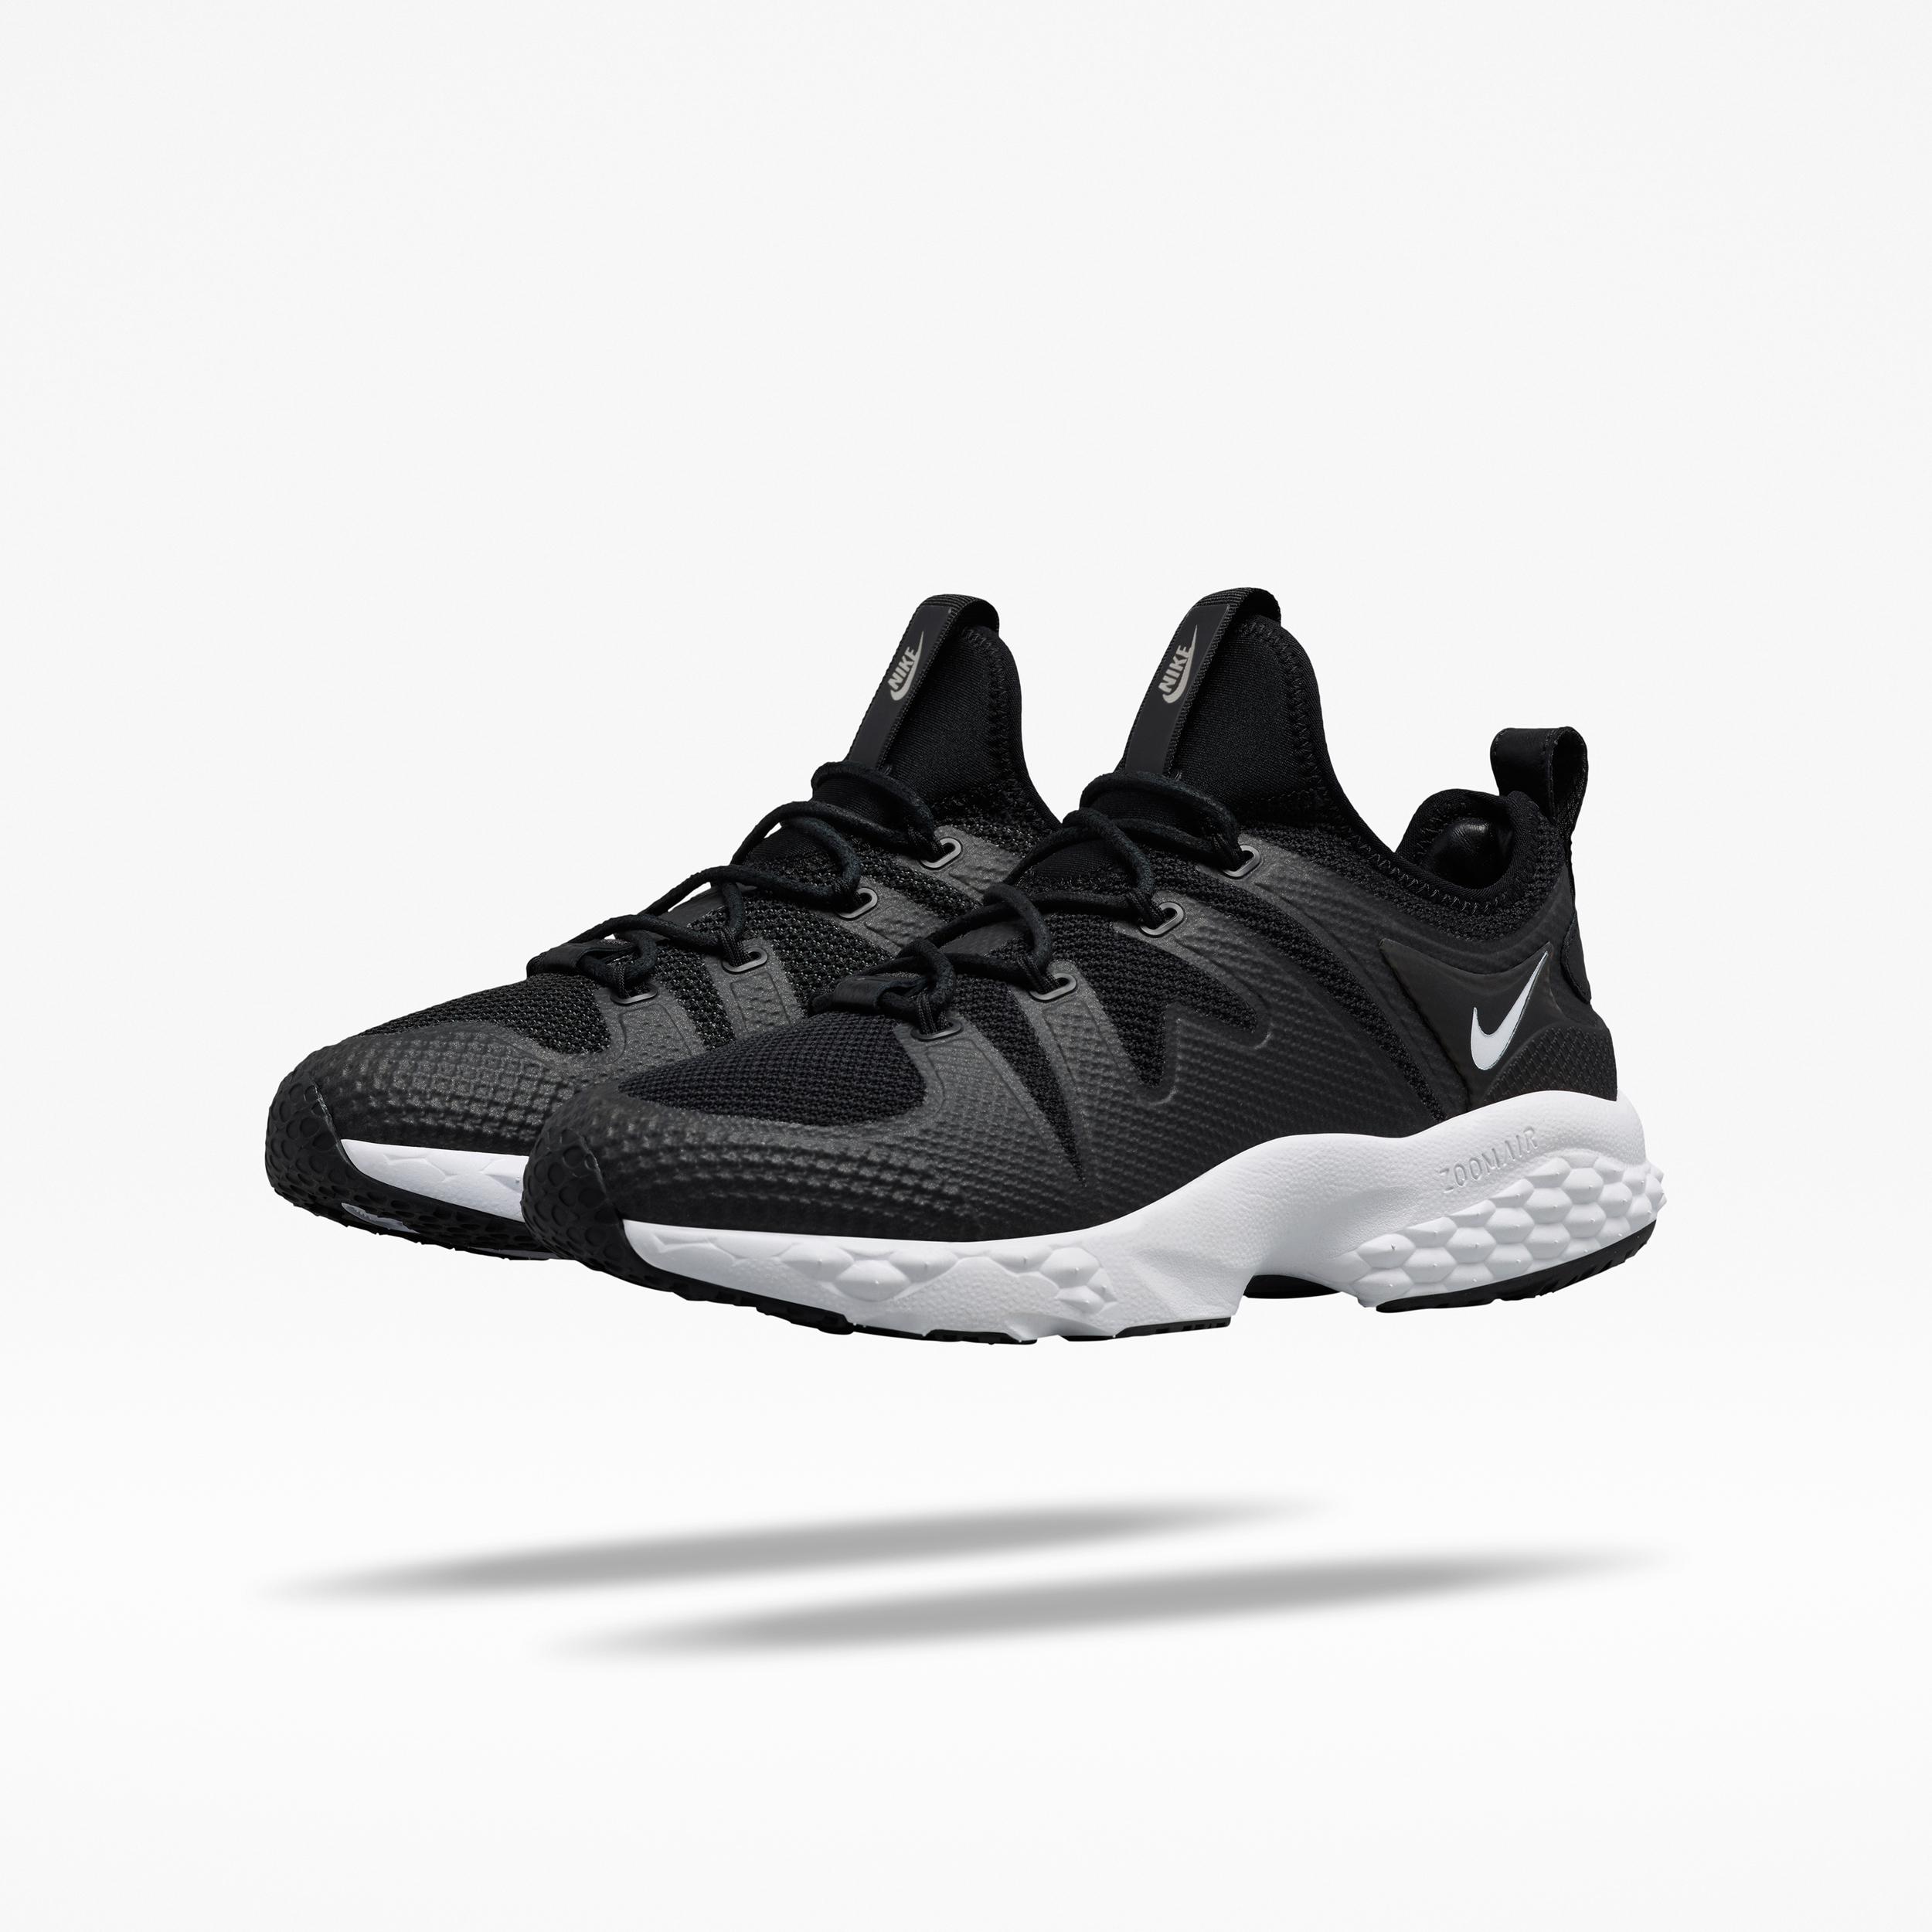 NikeLab_Air_Zoom_LWP_x_KJ_4_60318.jpg